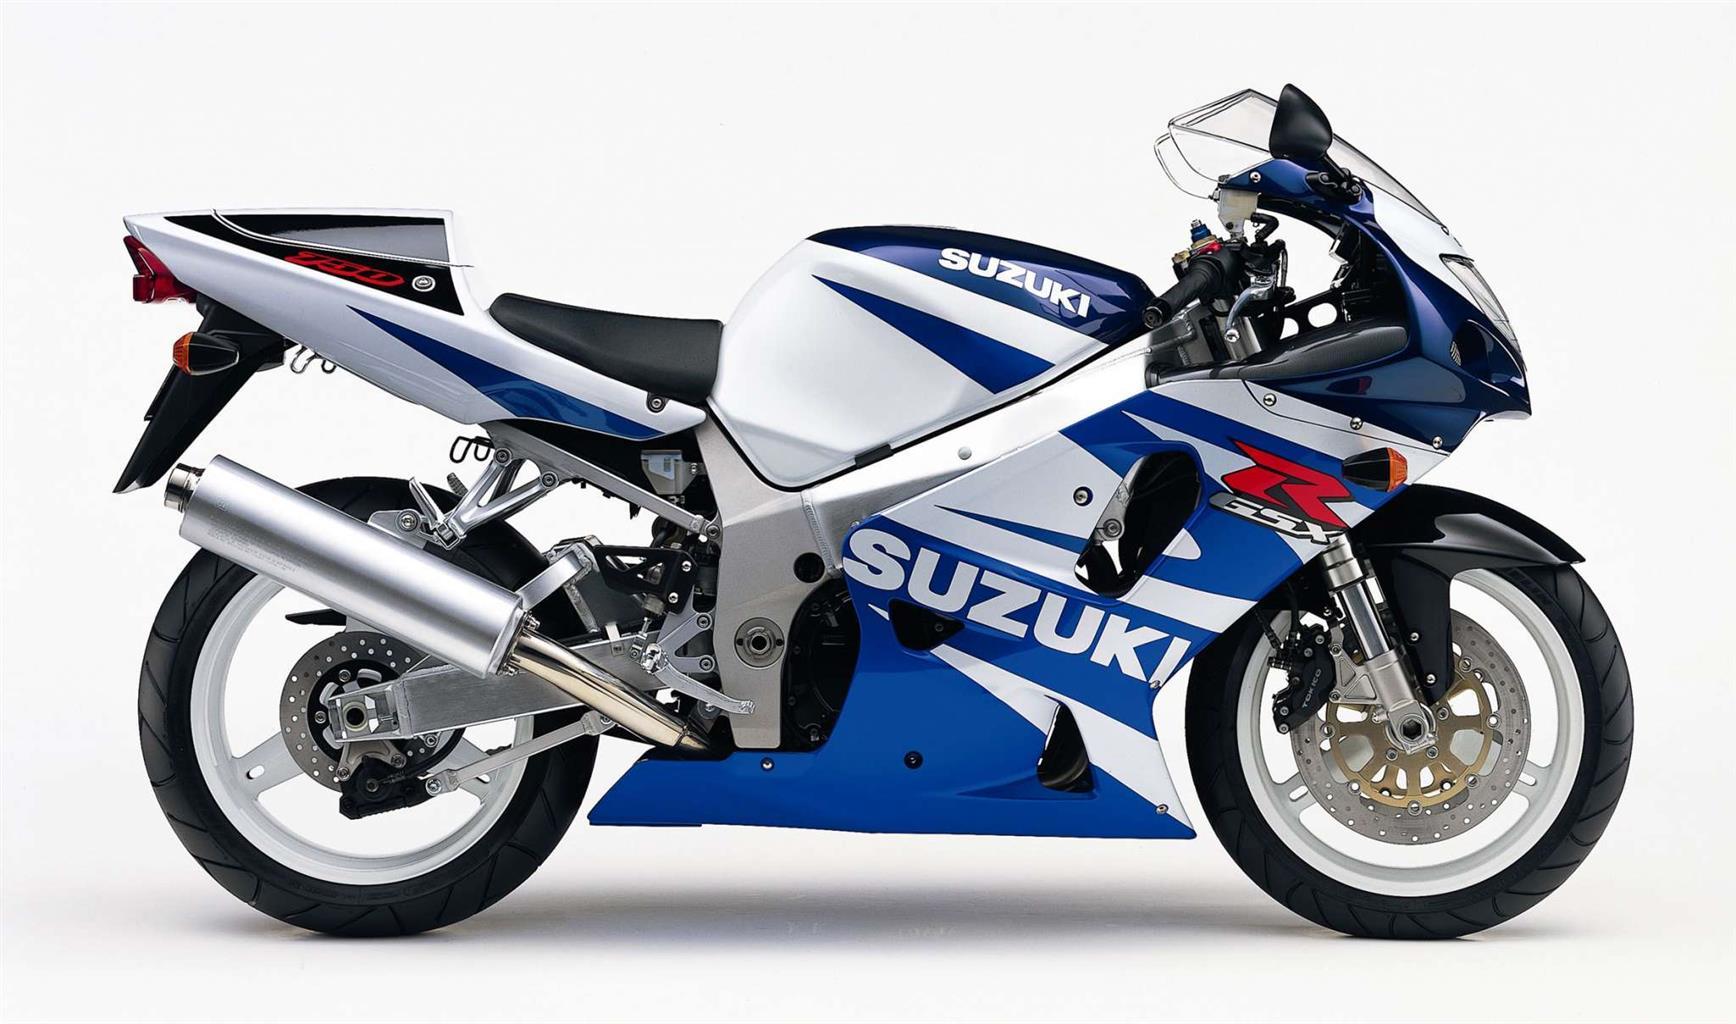 Suzuki GSXR750 2002 complete bike breaking for spares